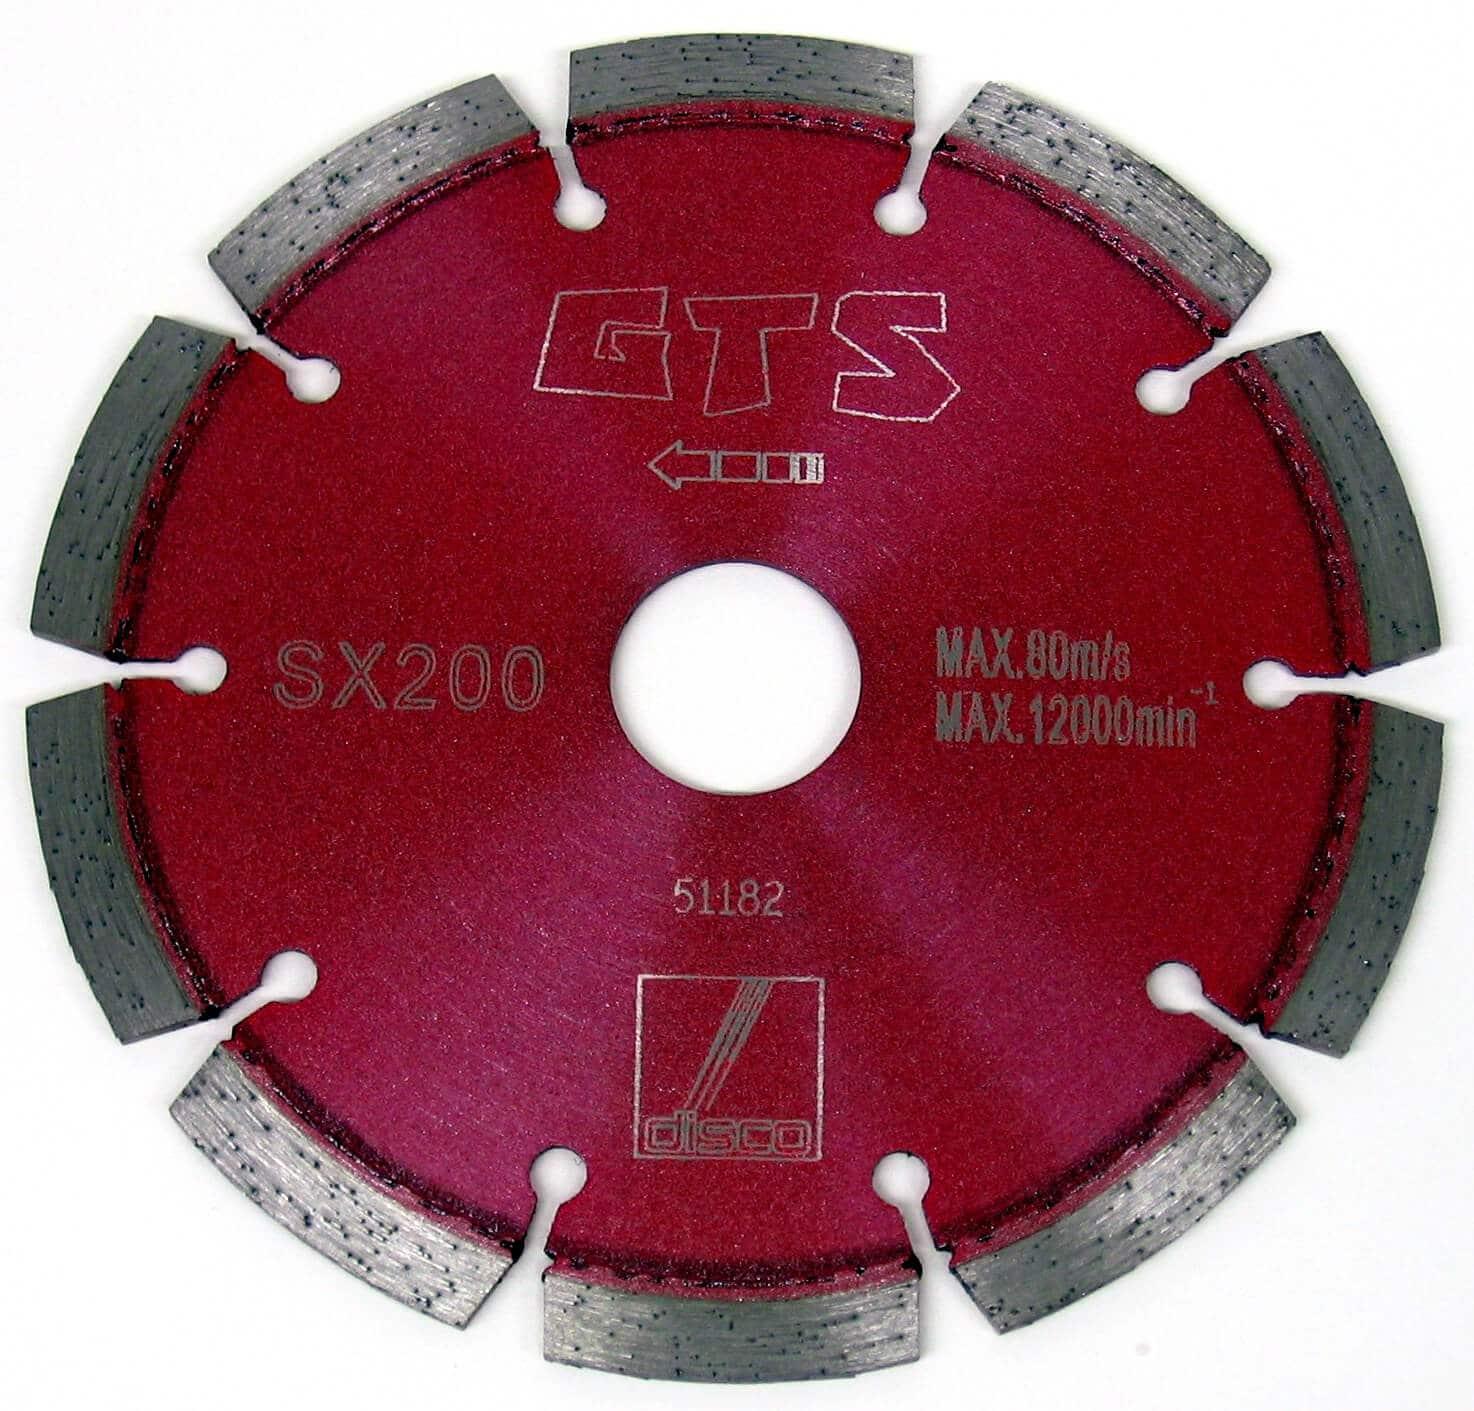 SX200 Blades